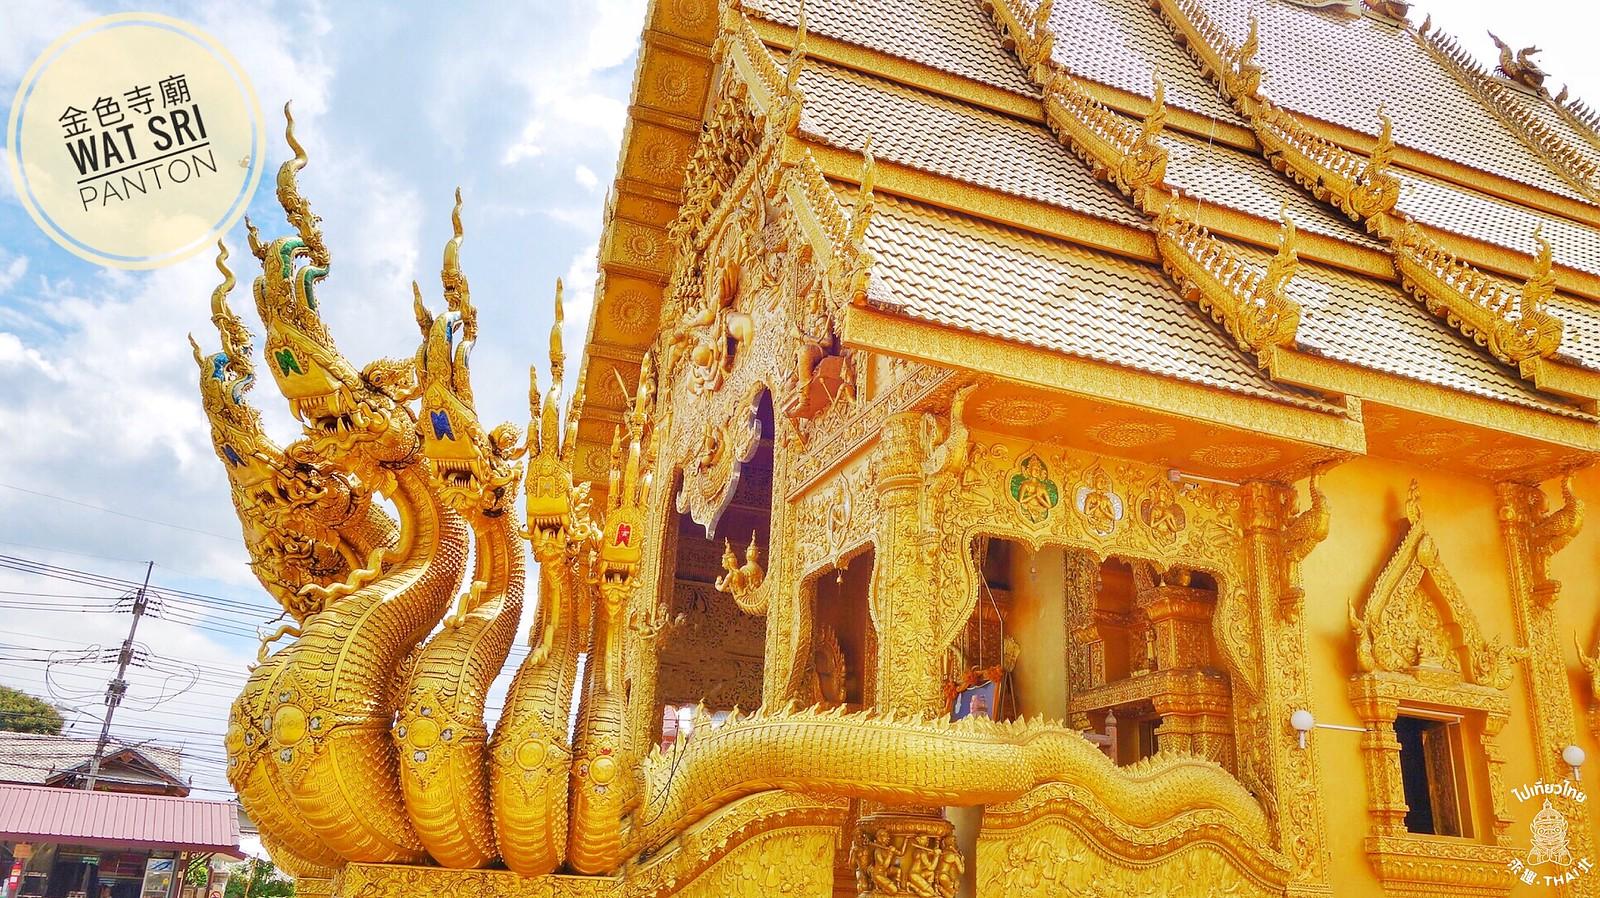 菩提樹所寄託的金色寺廟-Wat Sri Panton(วัดศรีพันต้น)